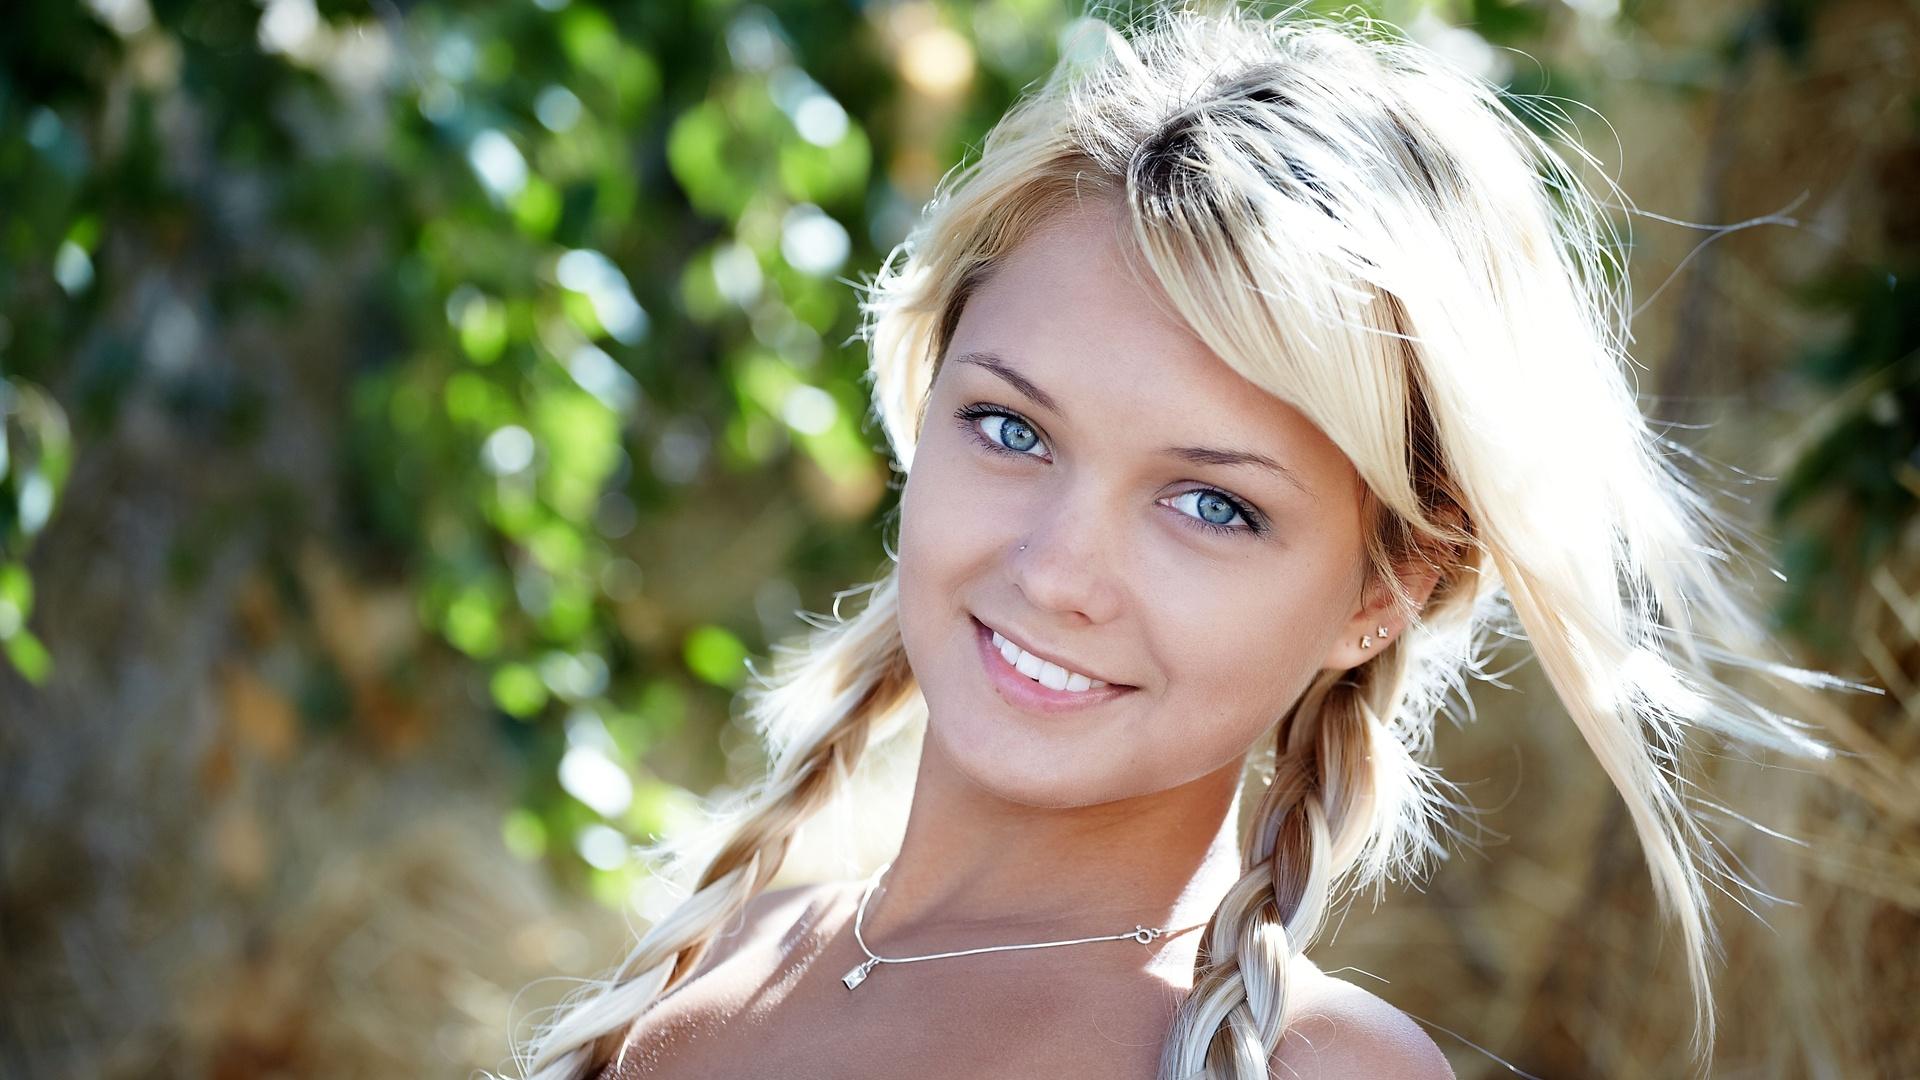 meilleur site de rencontre femme russe